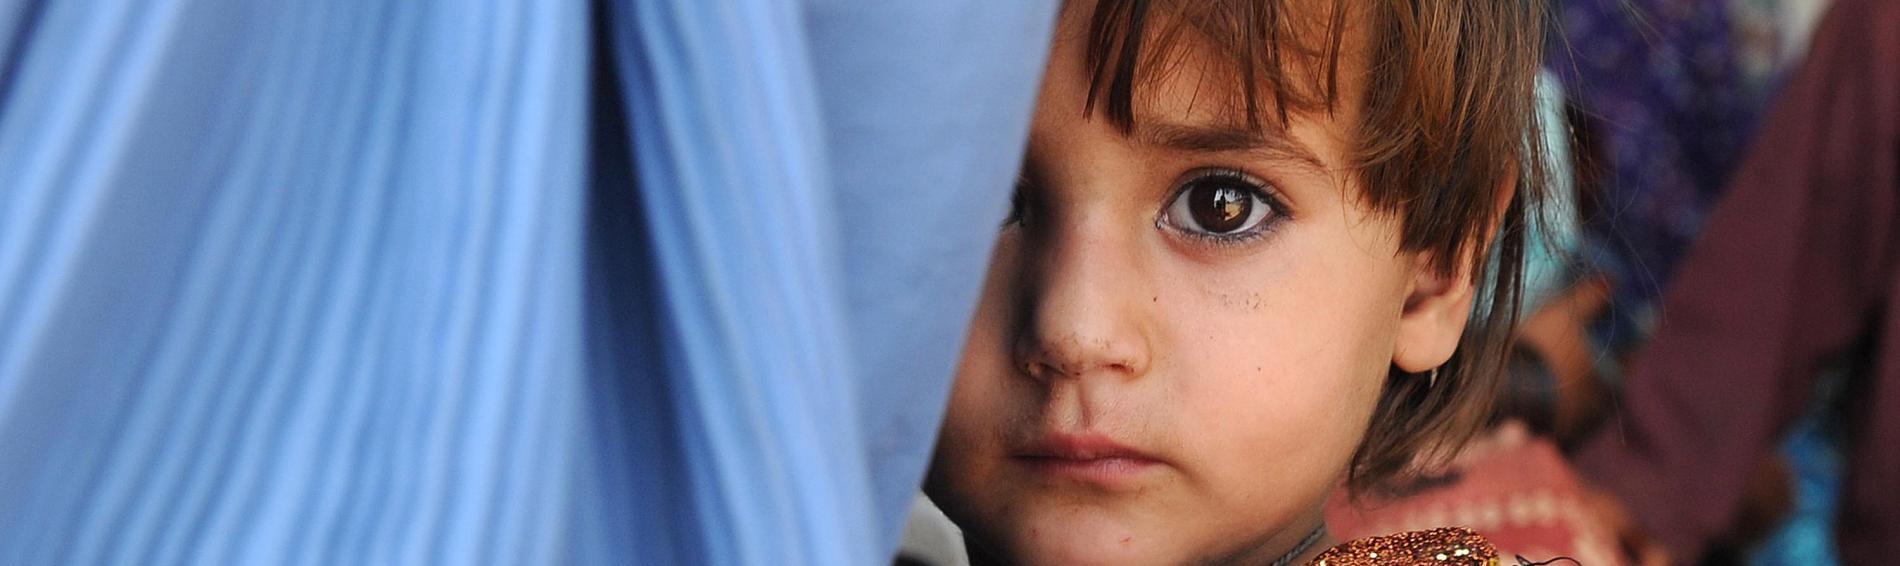 Programm für Frauen und Kinder in Pakistan. | Foto: A. Majeed